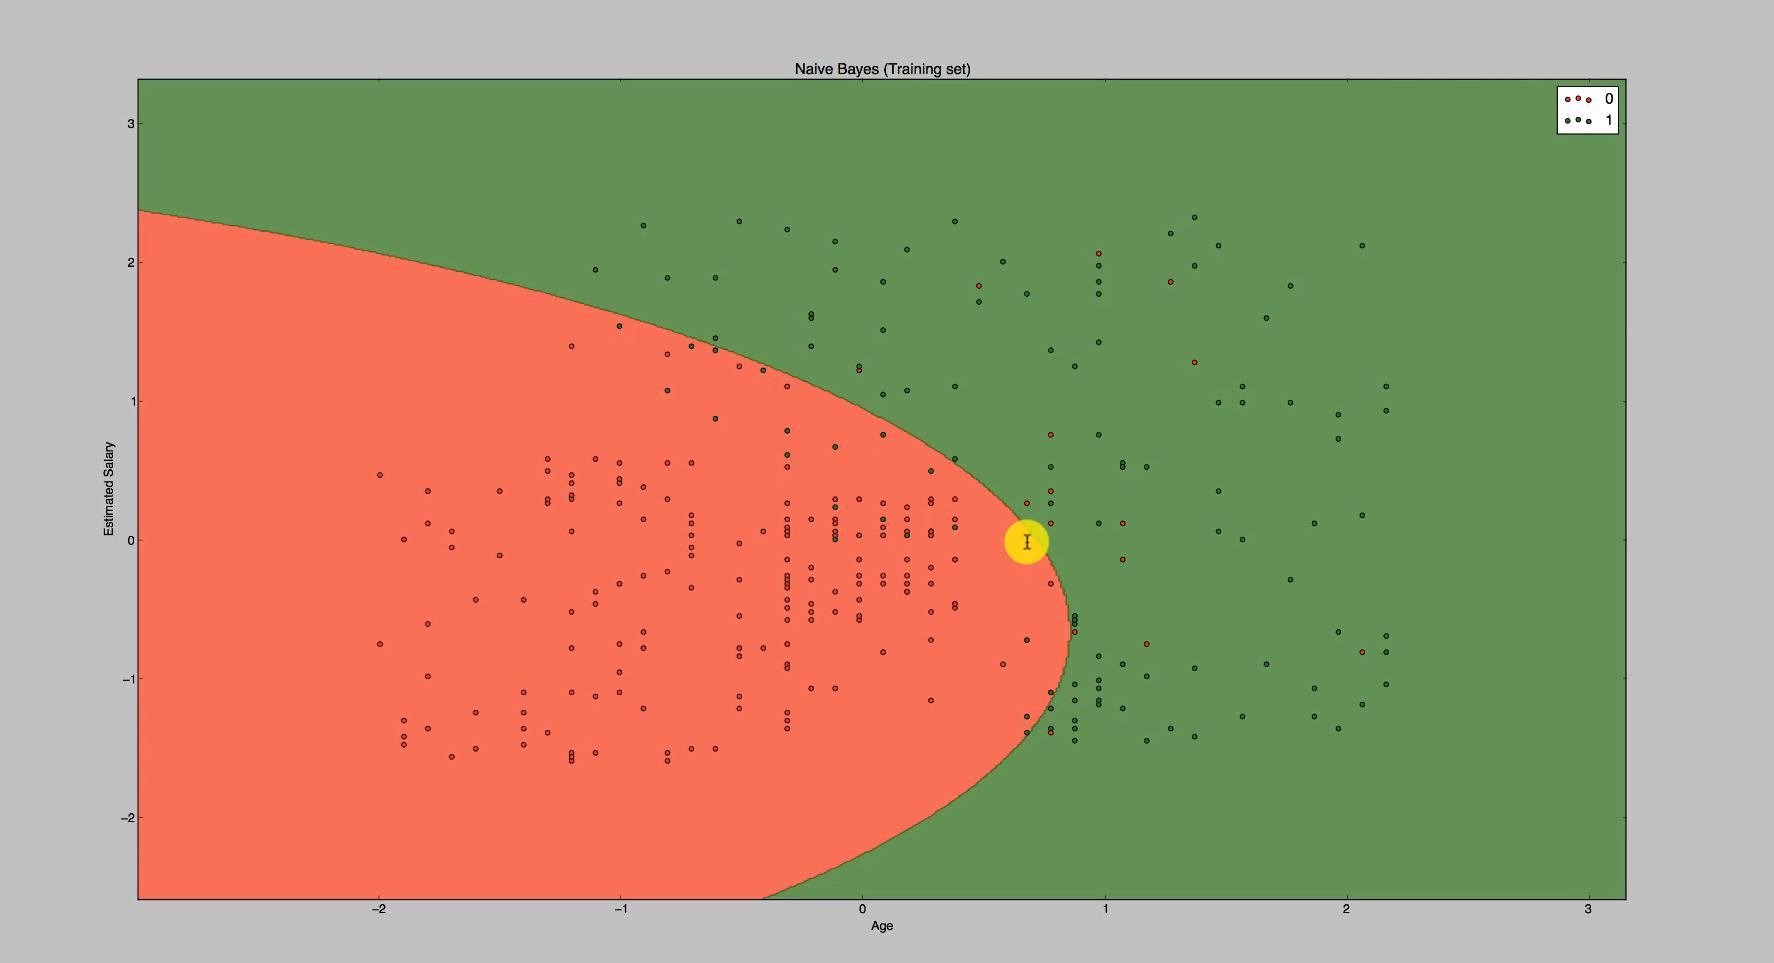 Der geplottete Graph zum Maschinenlernverfahrens Naive Bayes